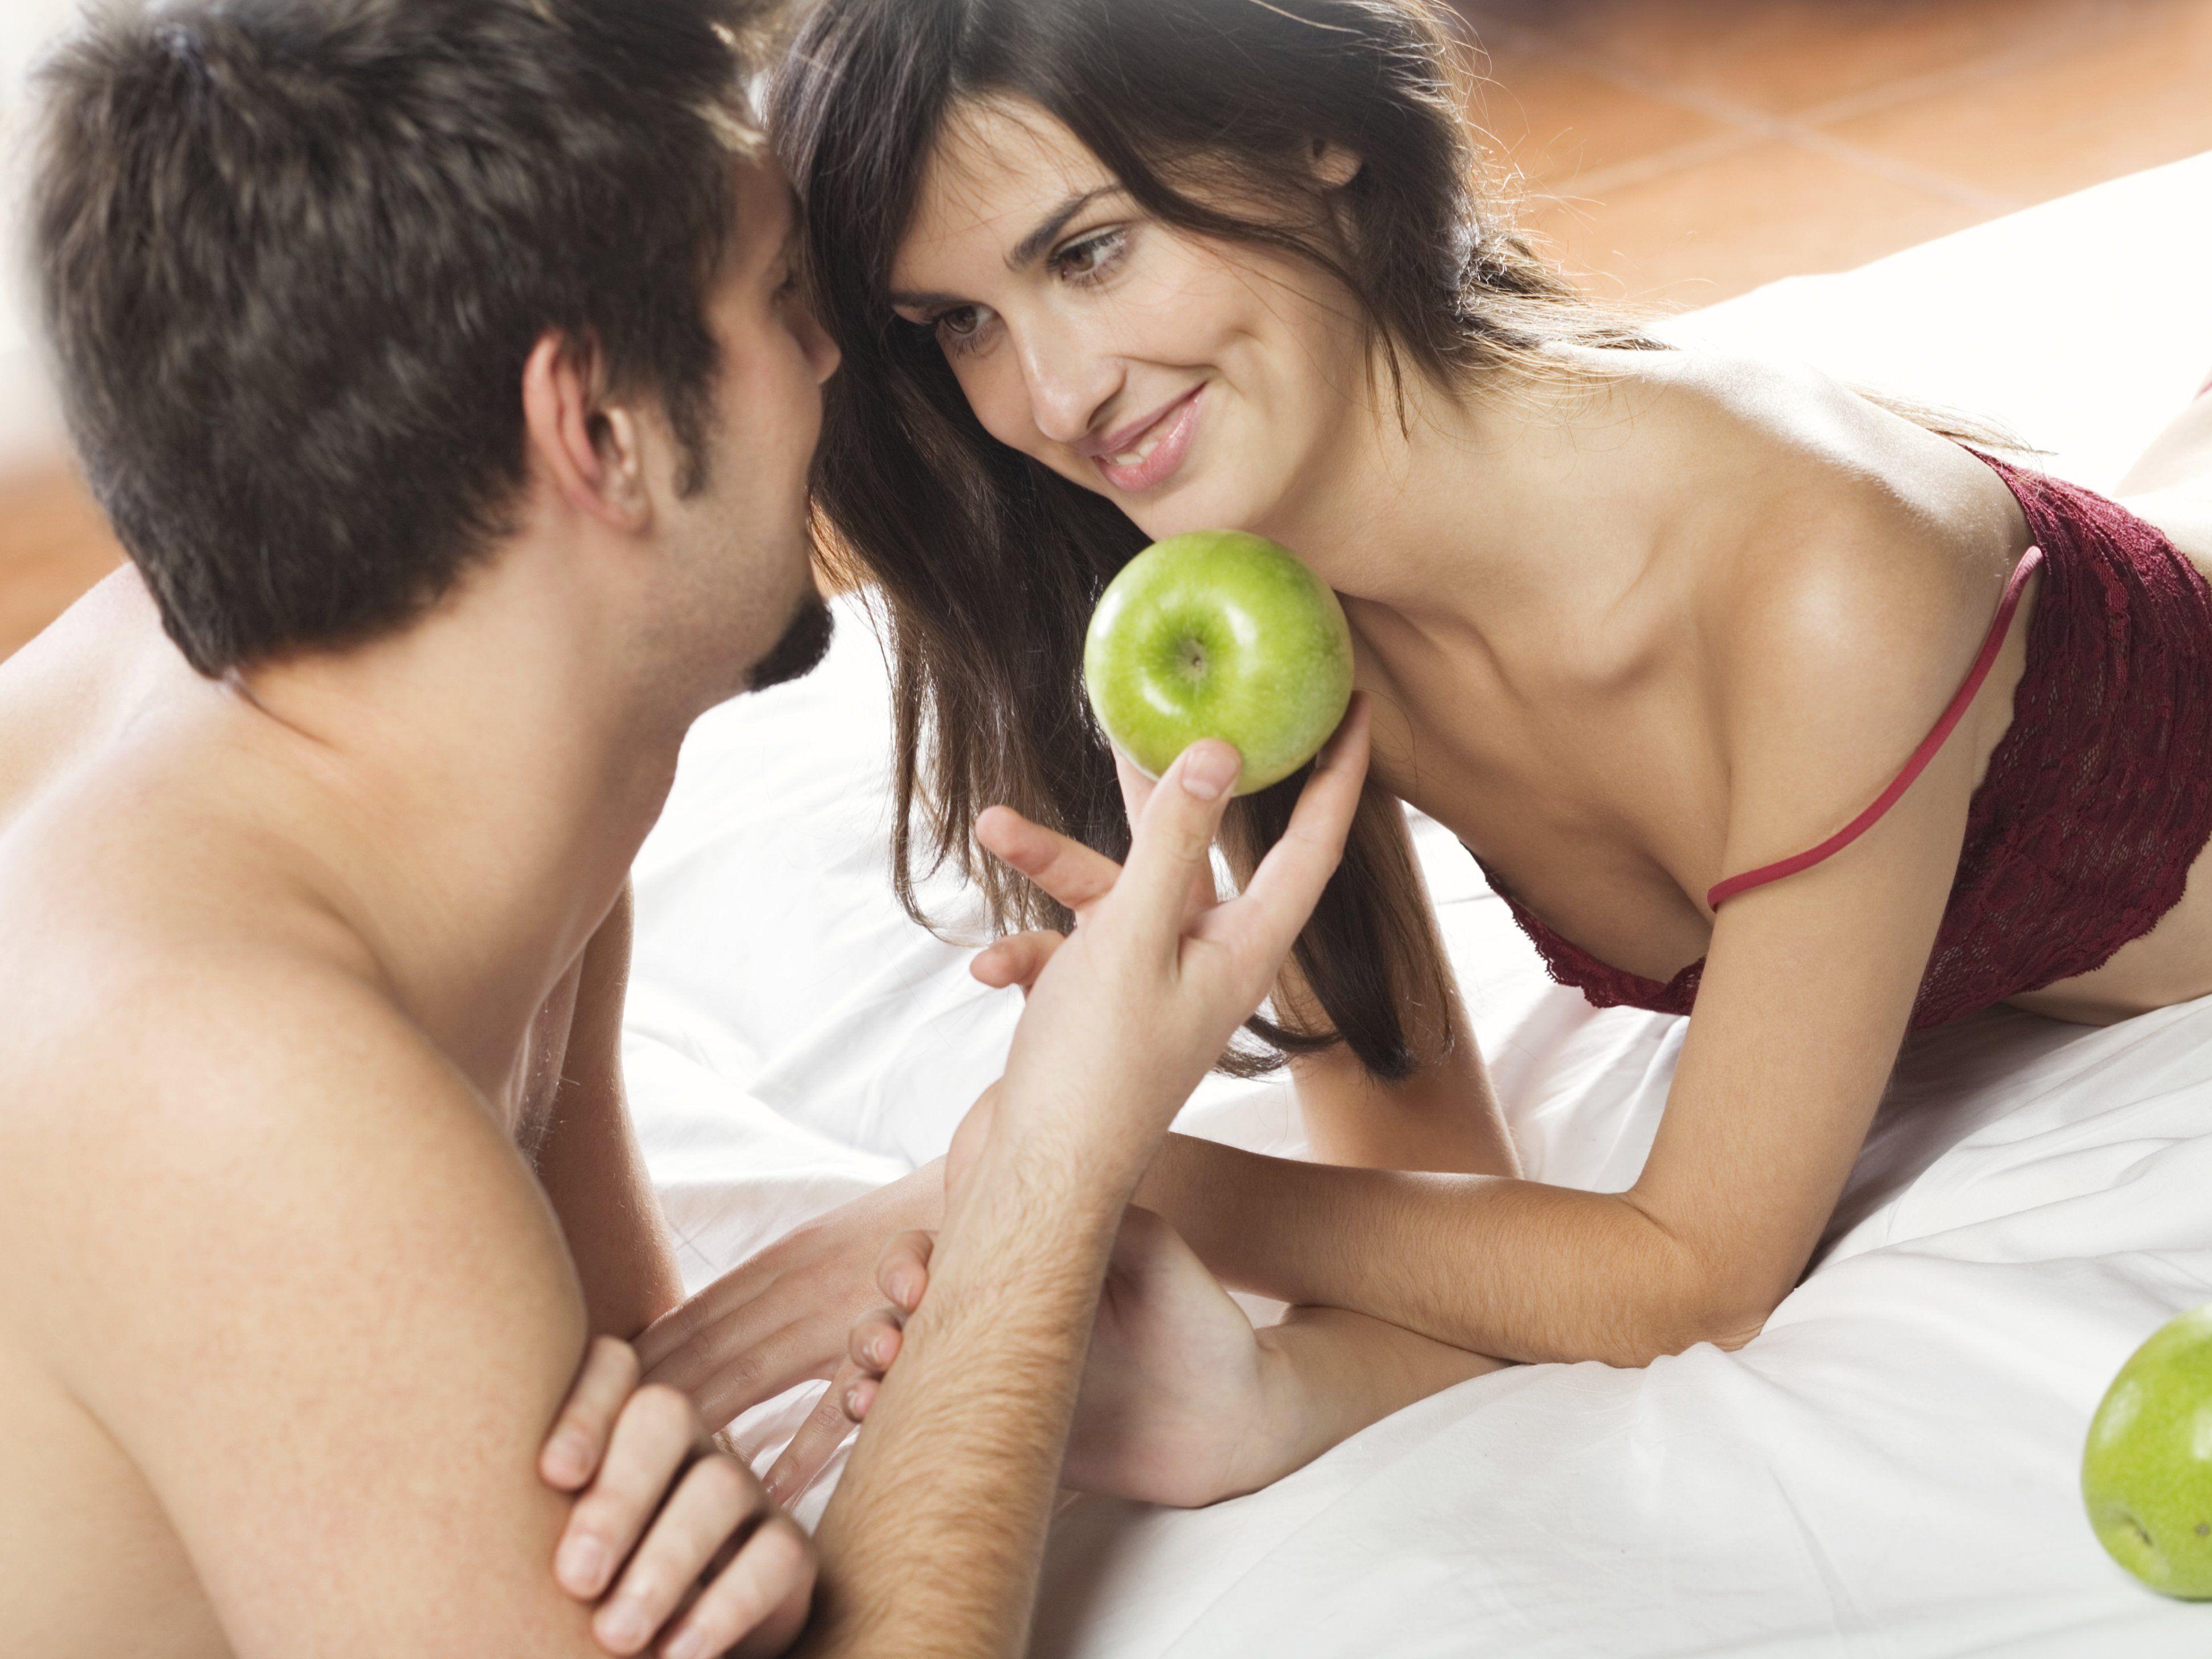 Das Liebesspiel könnte das Fitnessstudio ablösen.